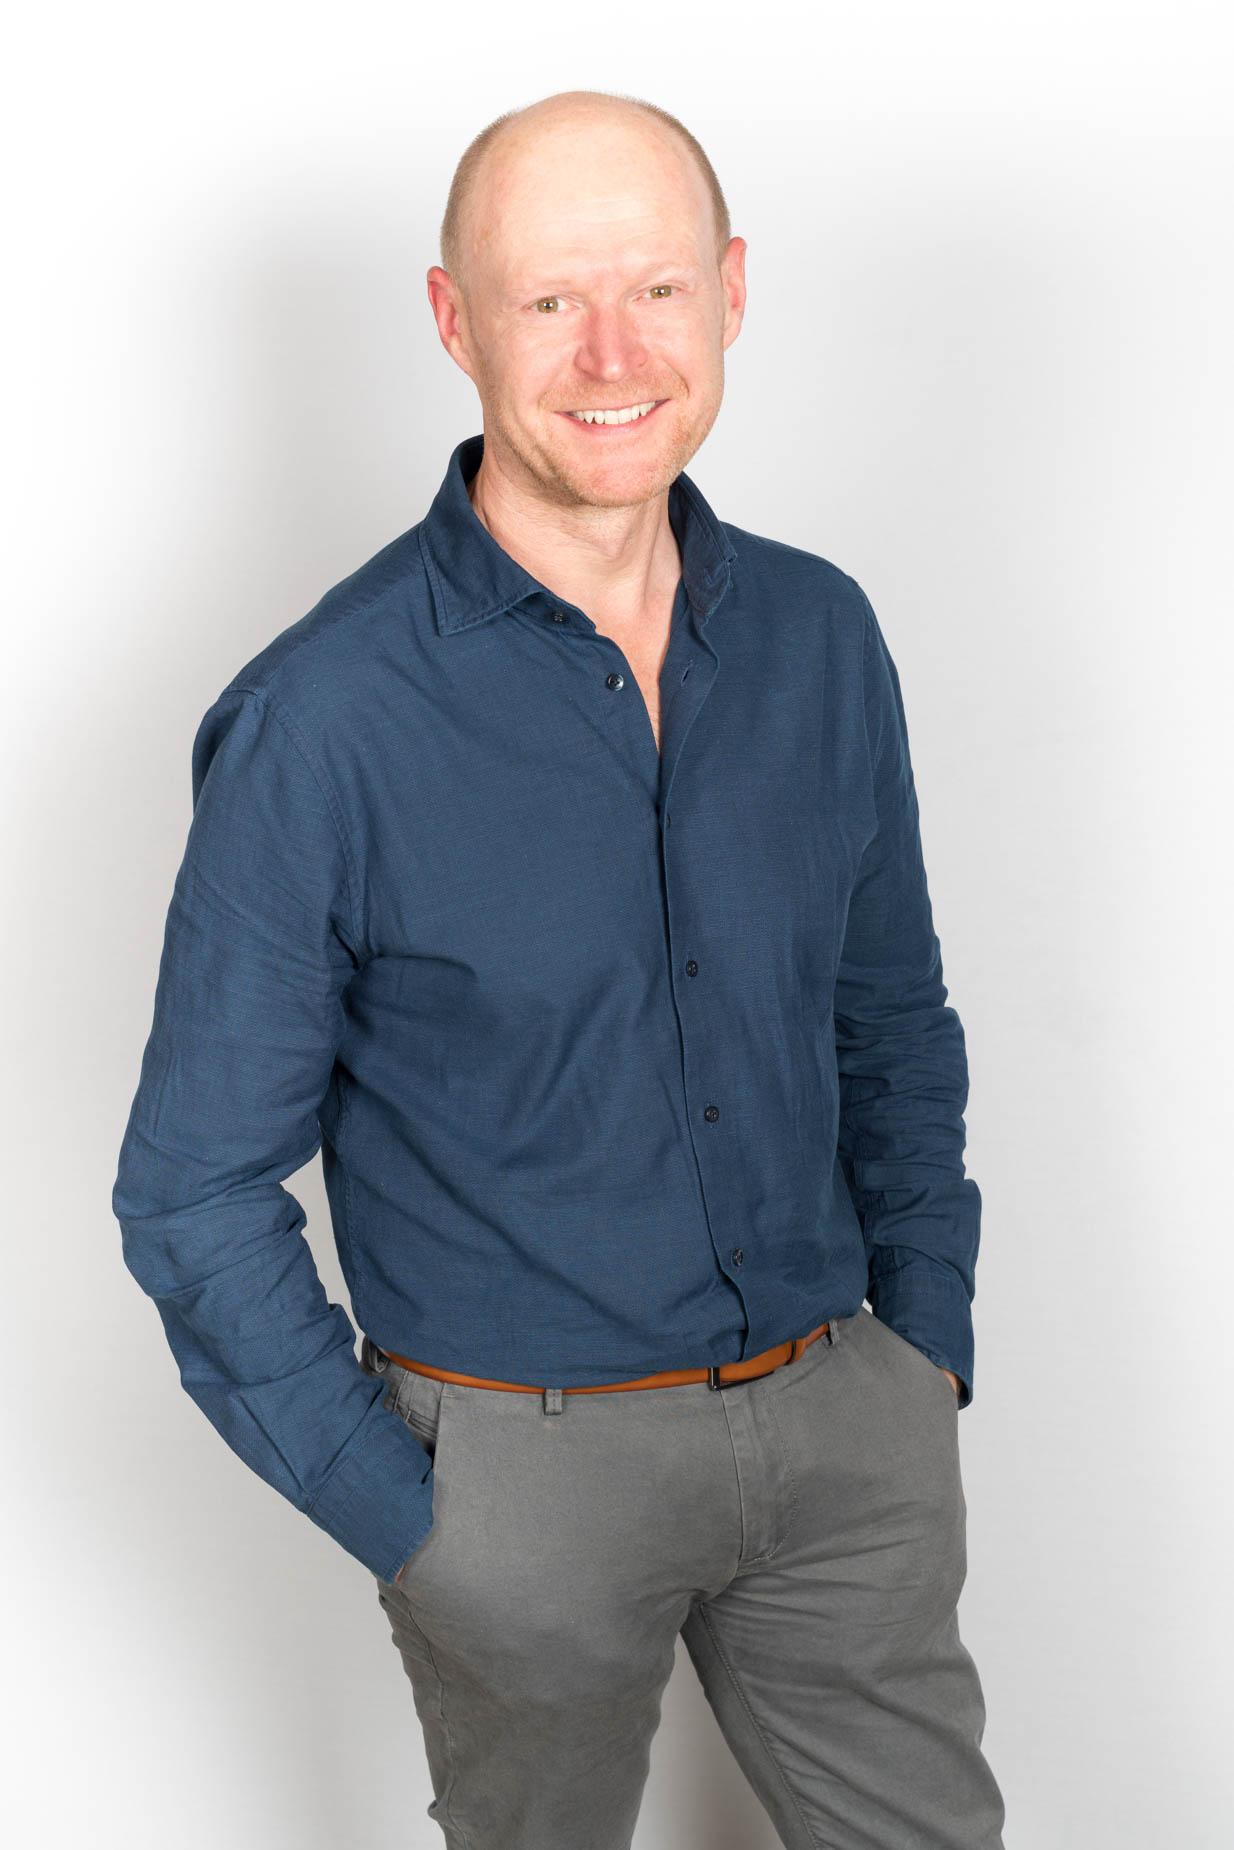 Helmut Pail